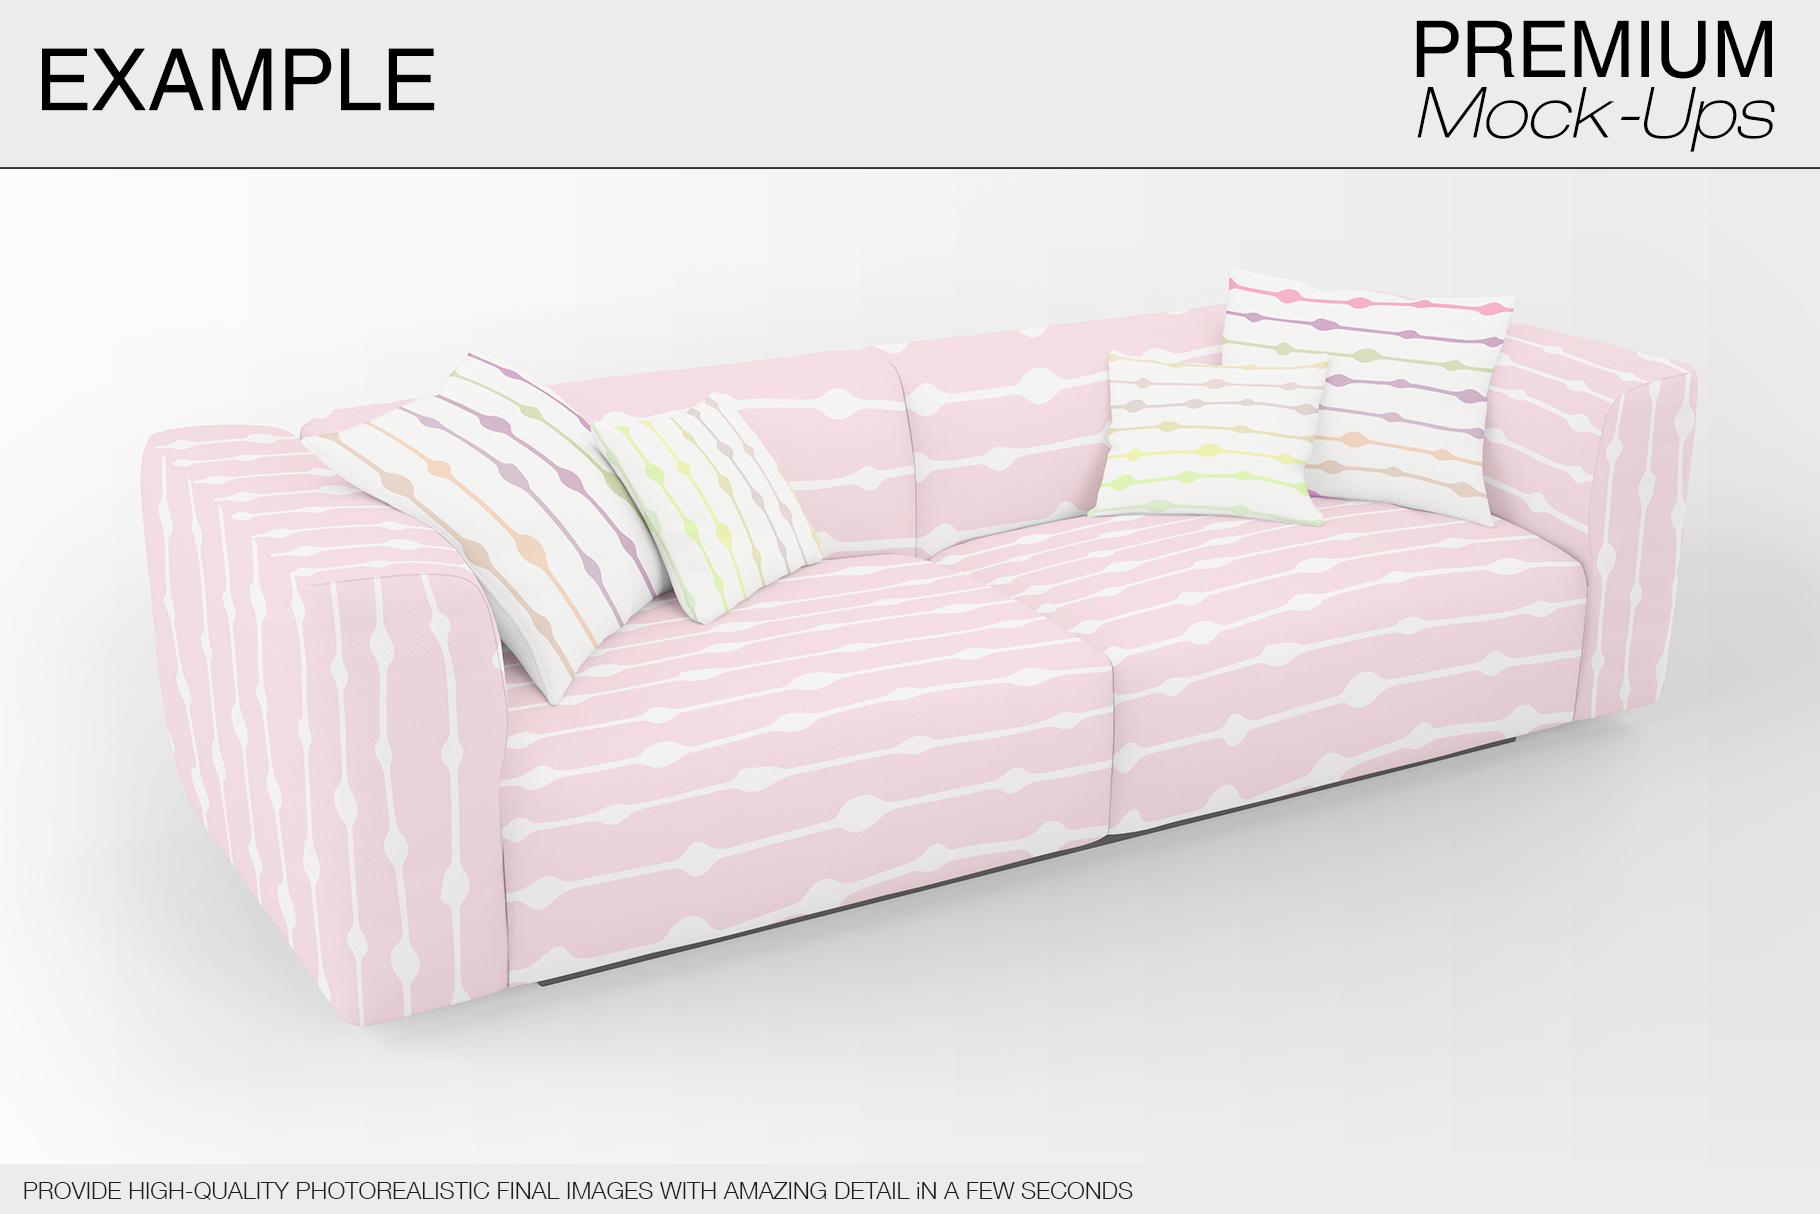 Sofa & Pillows Mockup Pack example image 2